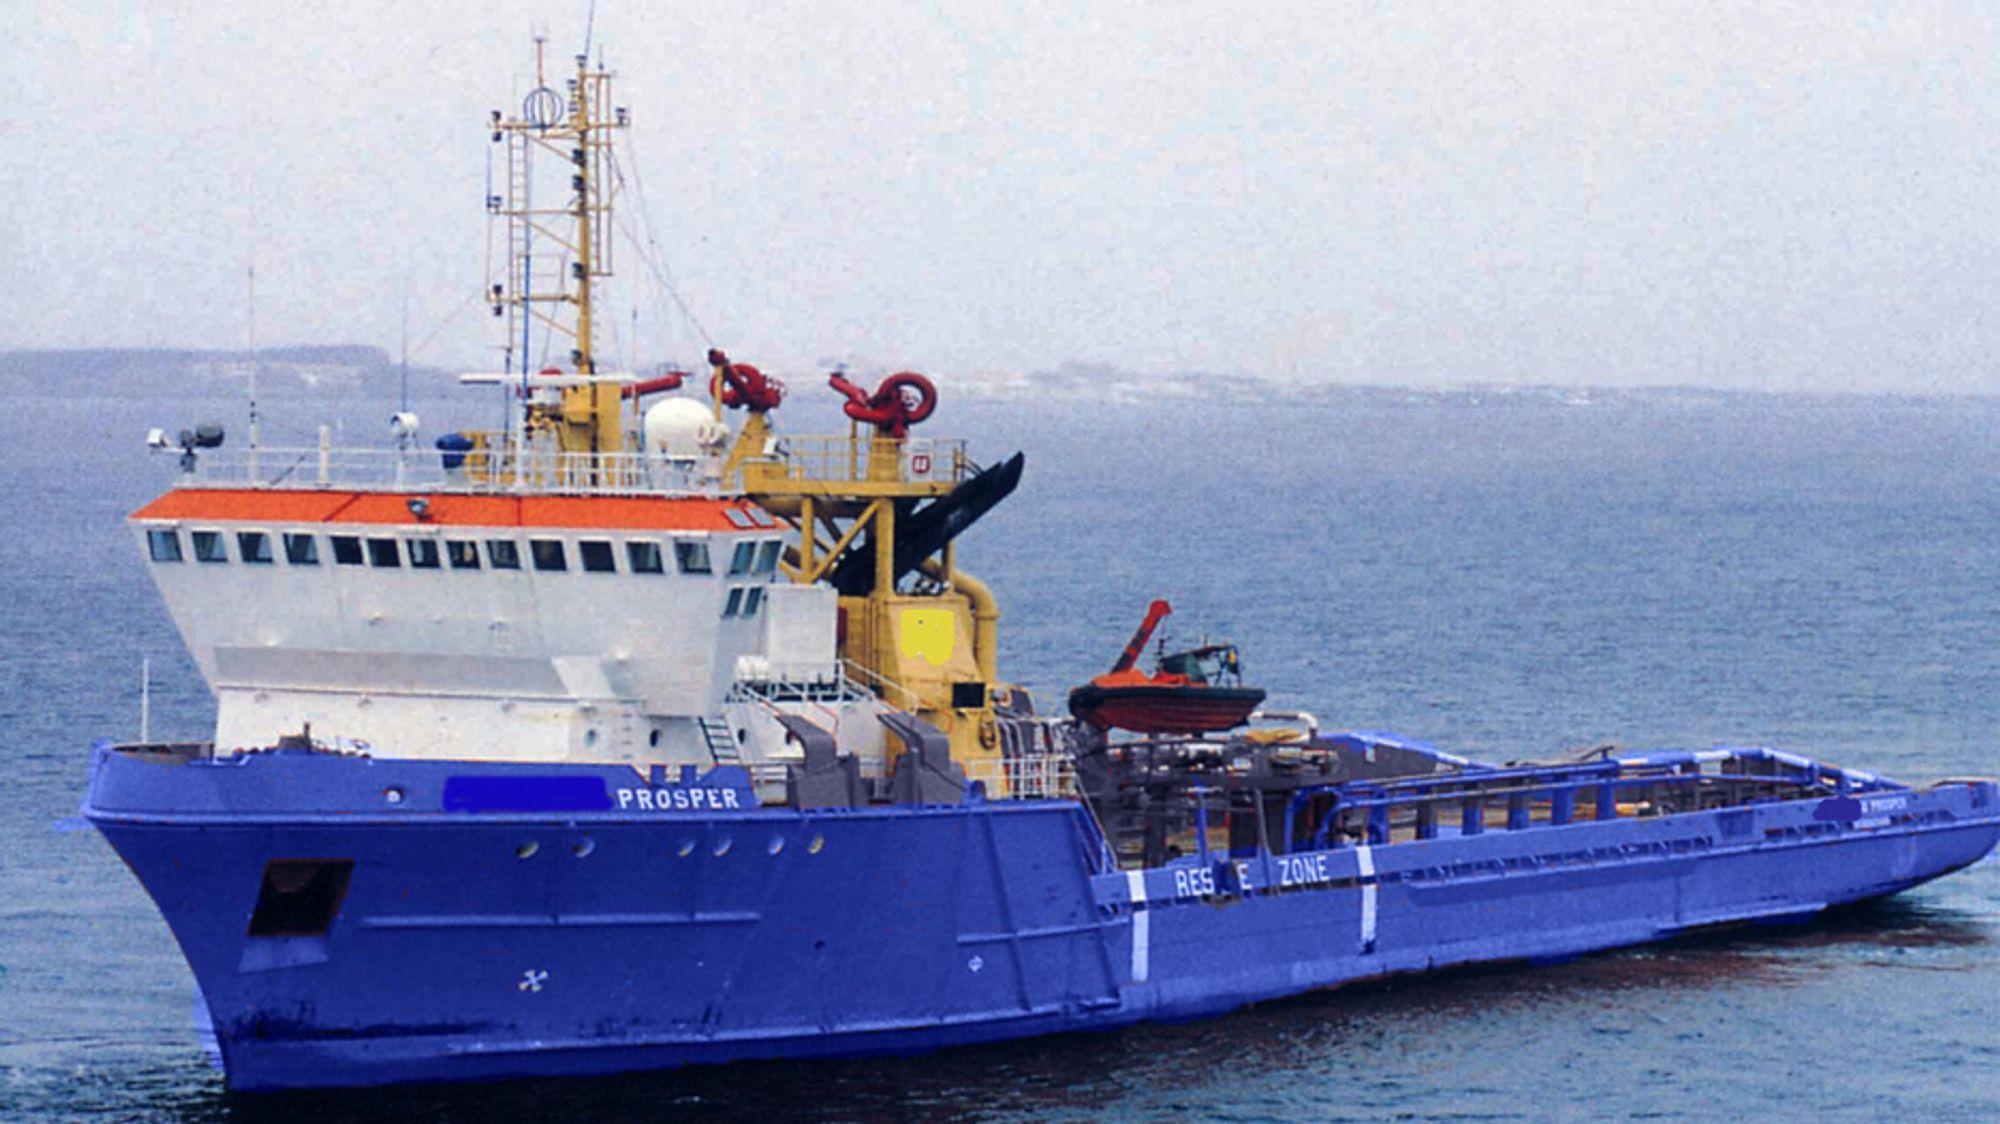 I SAMMENSTØT: M/S Prosper mistet motorkraft og kjørte inn i et annet fartøy i Tananger mandag kveld.